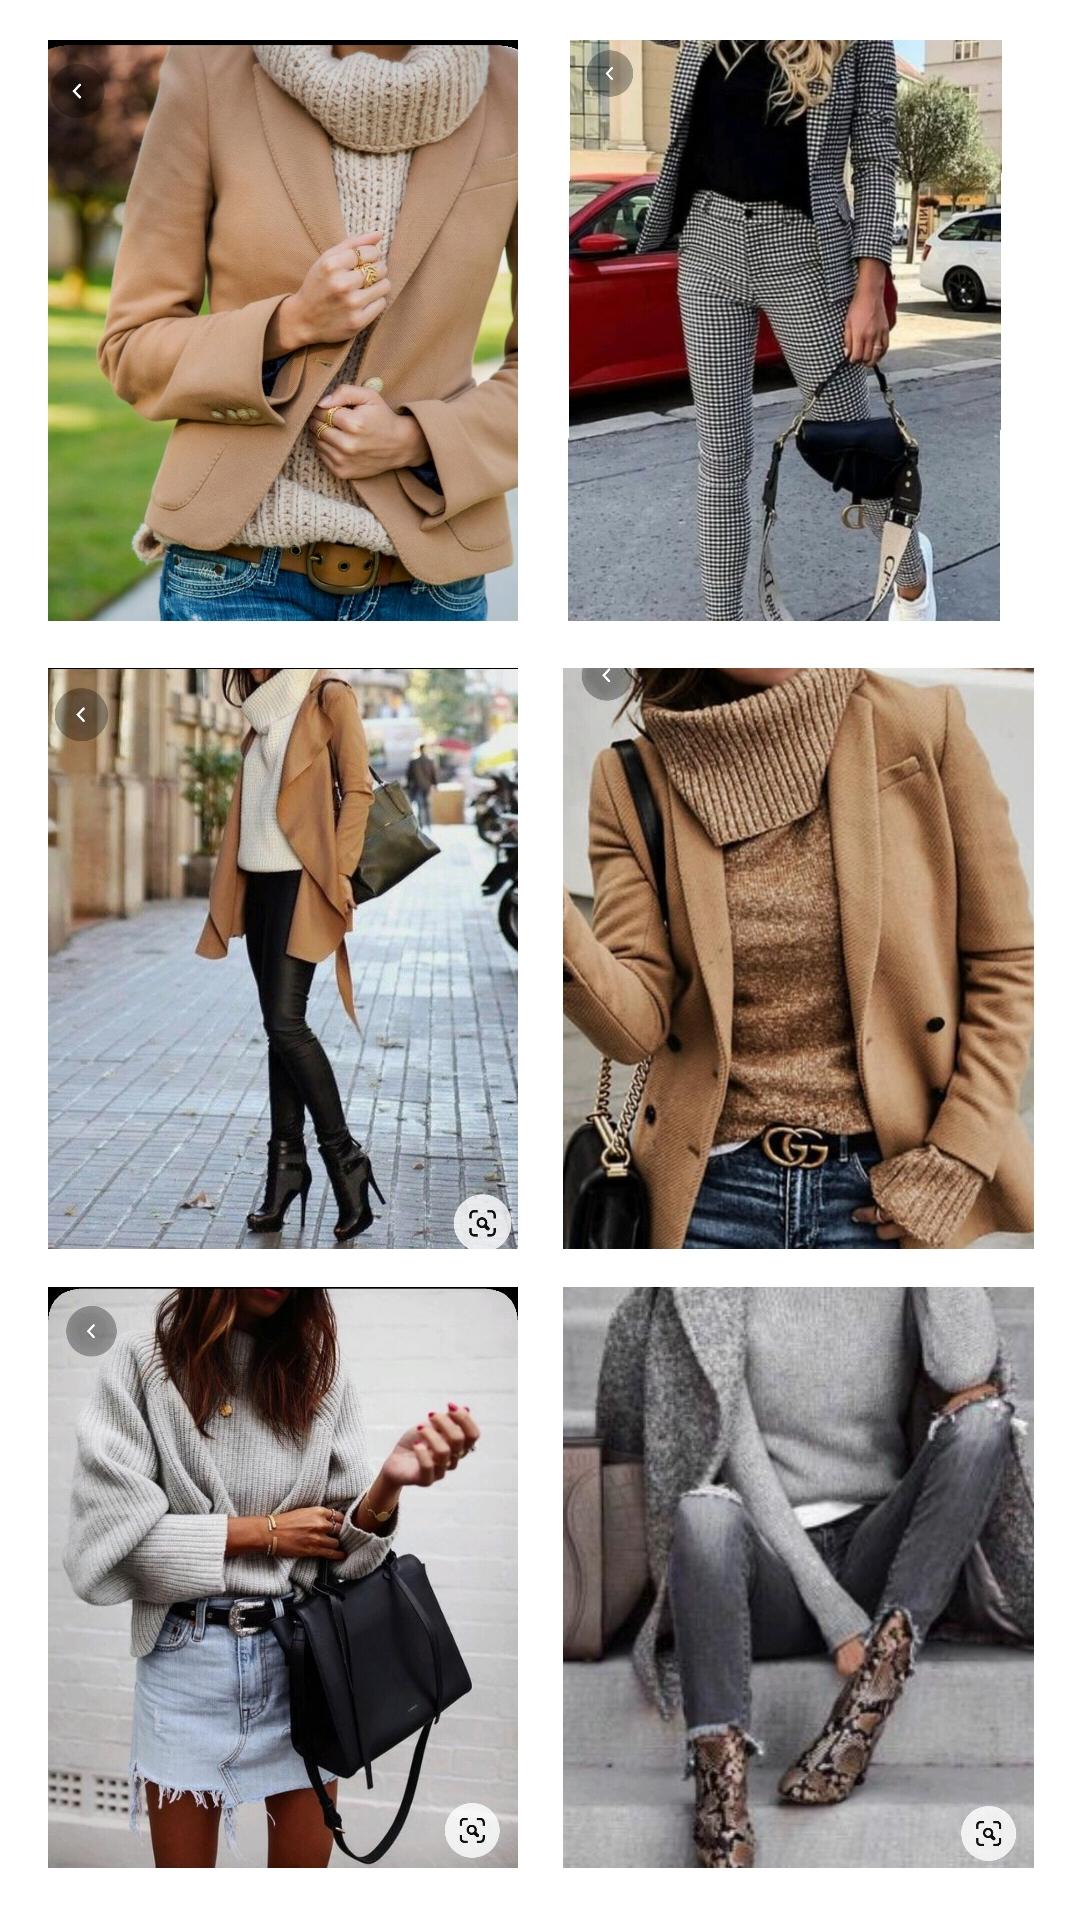 Modowy poradnik - Styl casualowy - czym się charakteryzuje, jak go nosić, kiedy nosić i jak tworzyć stylizacje?